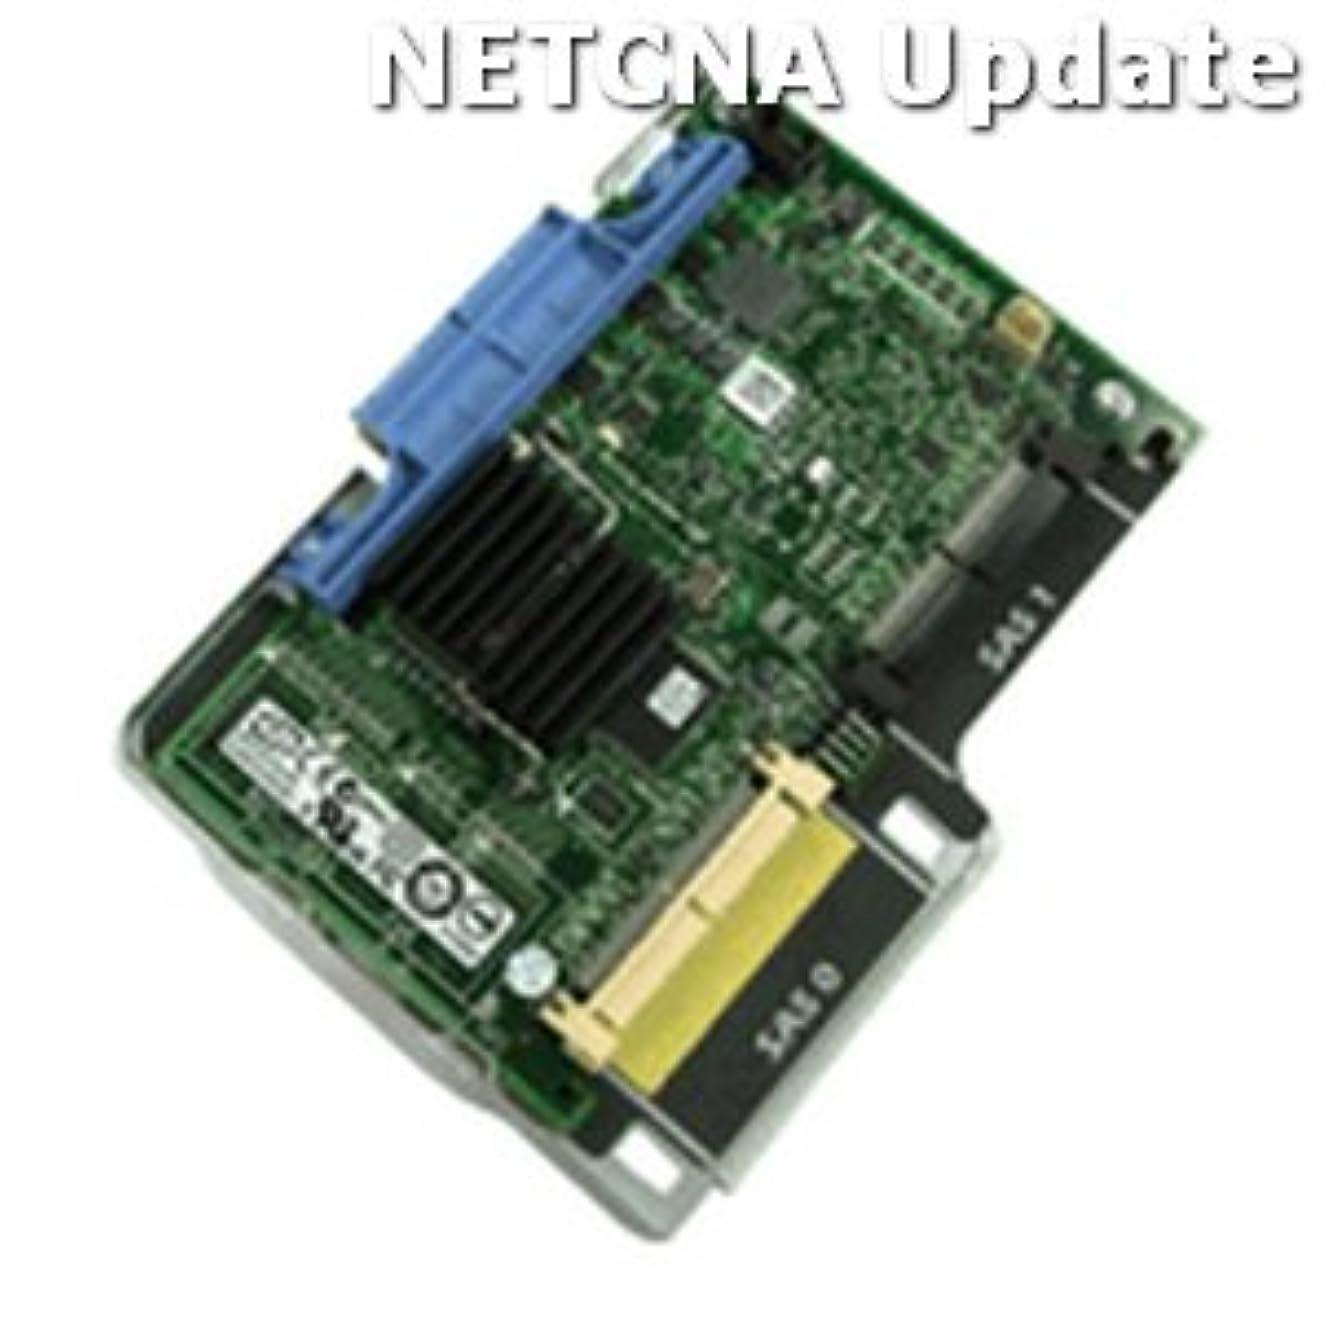 概念独立しての配列t954j Dell PERC 6 / I 256 MB SAS / SATA RAIDコントローラ互換製品by NETCNA